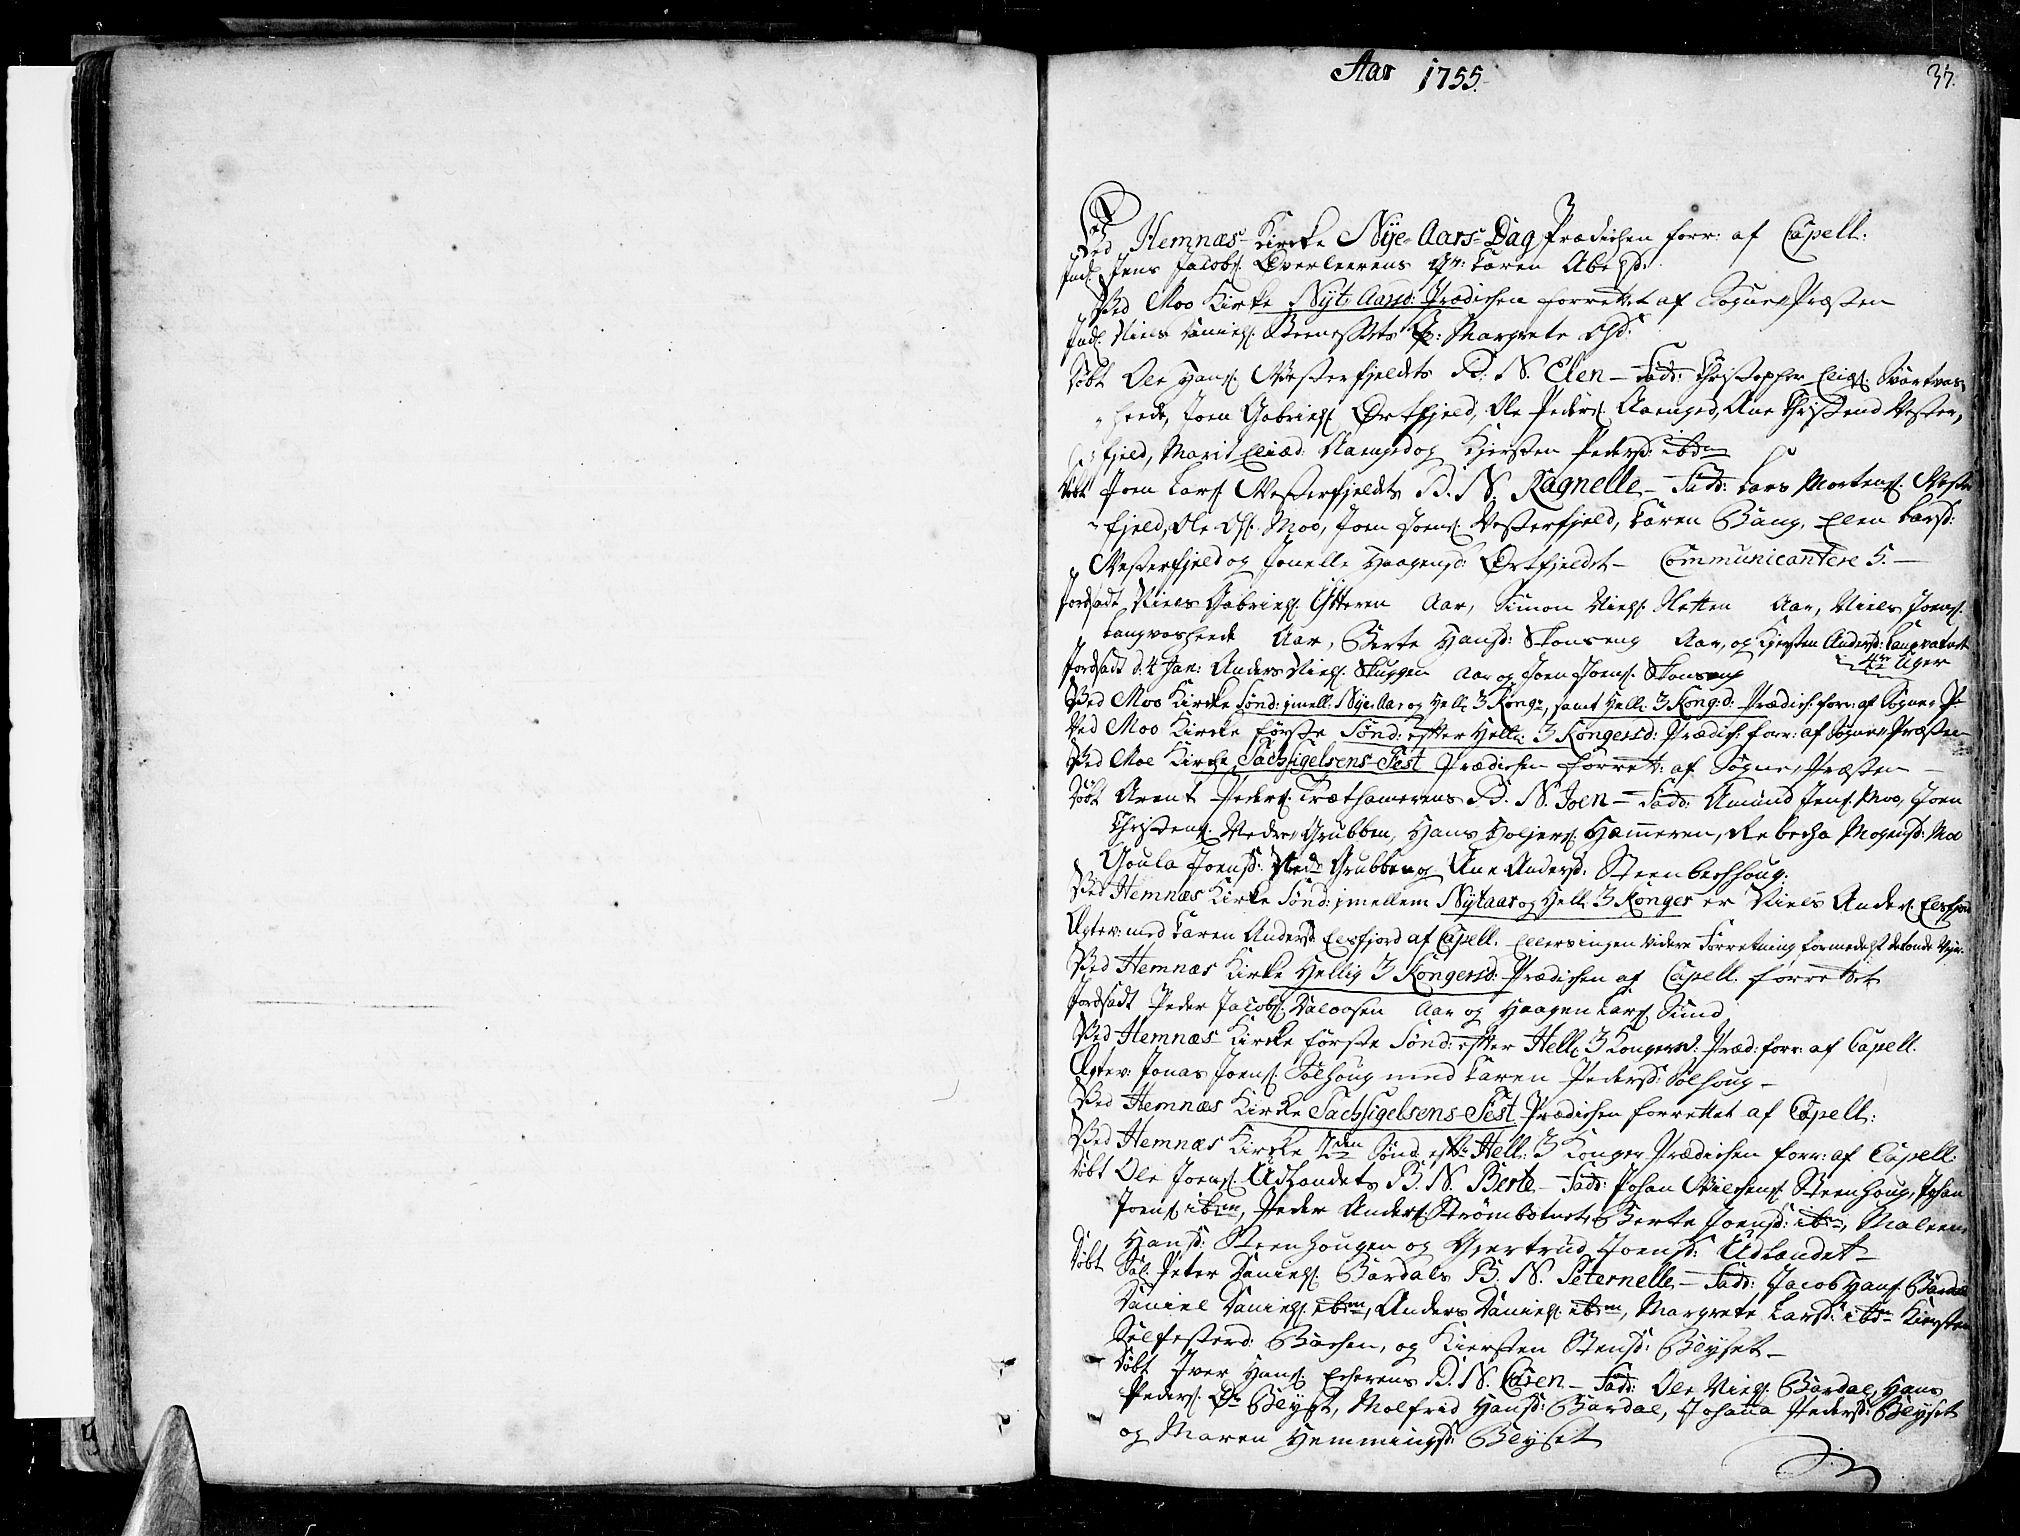 SAT, Ministerialprotokoller, klokkerbøker og fødselsregistre - Nordland, 825/L0348: Parish register (official) no. 825A04, 1752-1788, p. 37